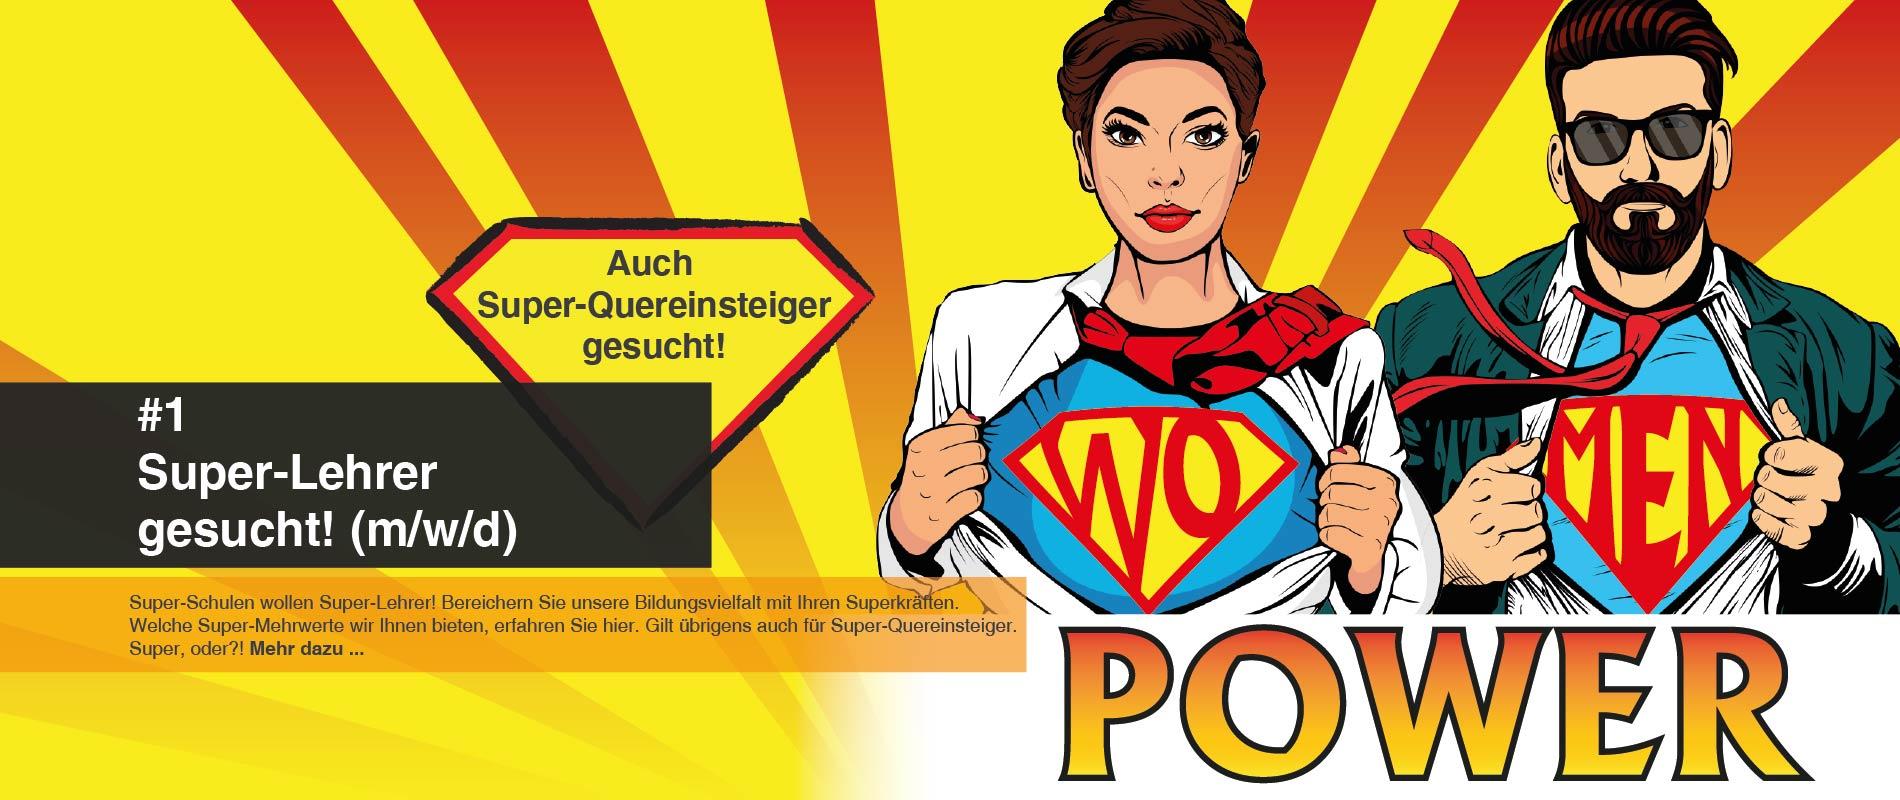 FAWZ-Zukunftslehrer_Header_WOMEN-Power_Super-Lehrer gesucht